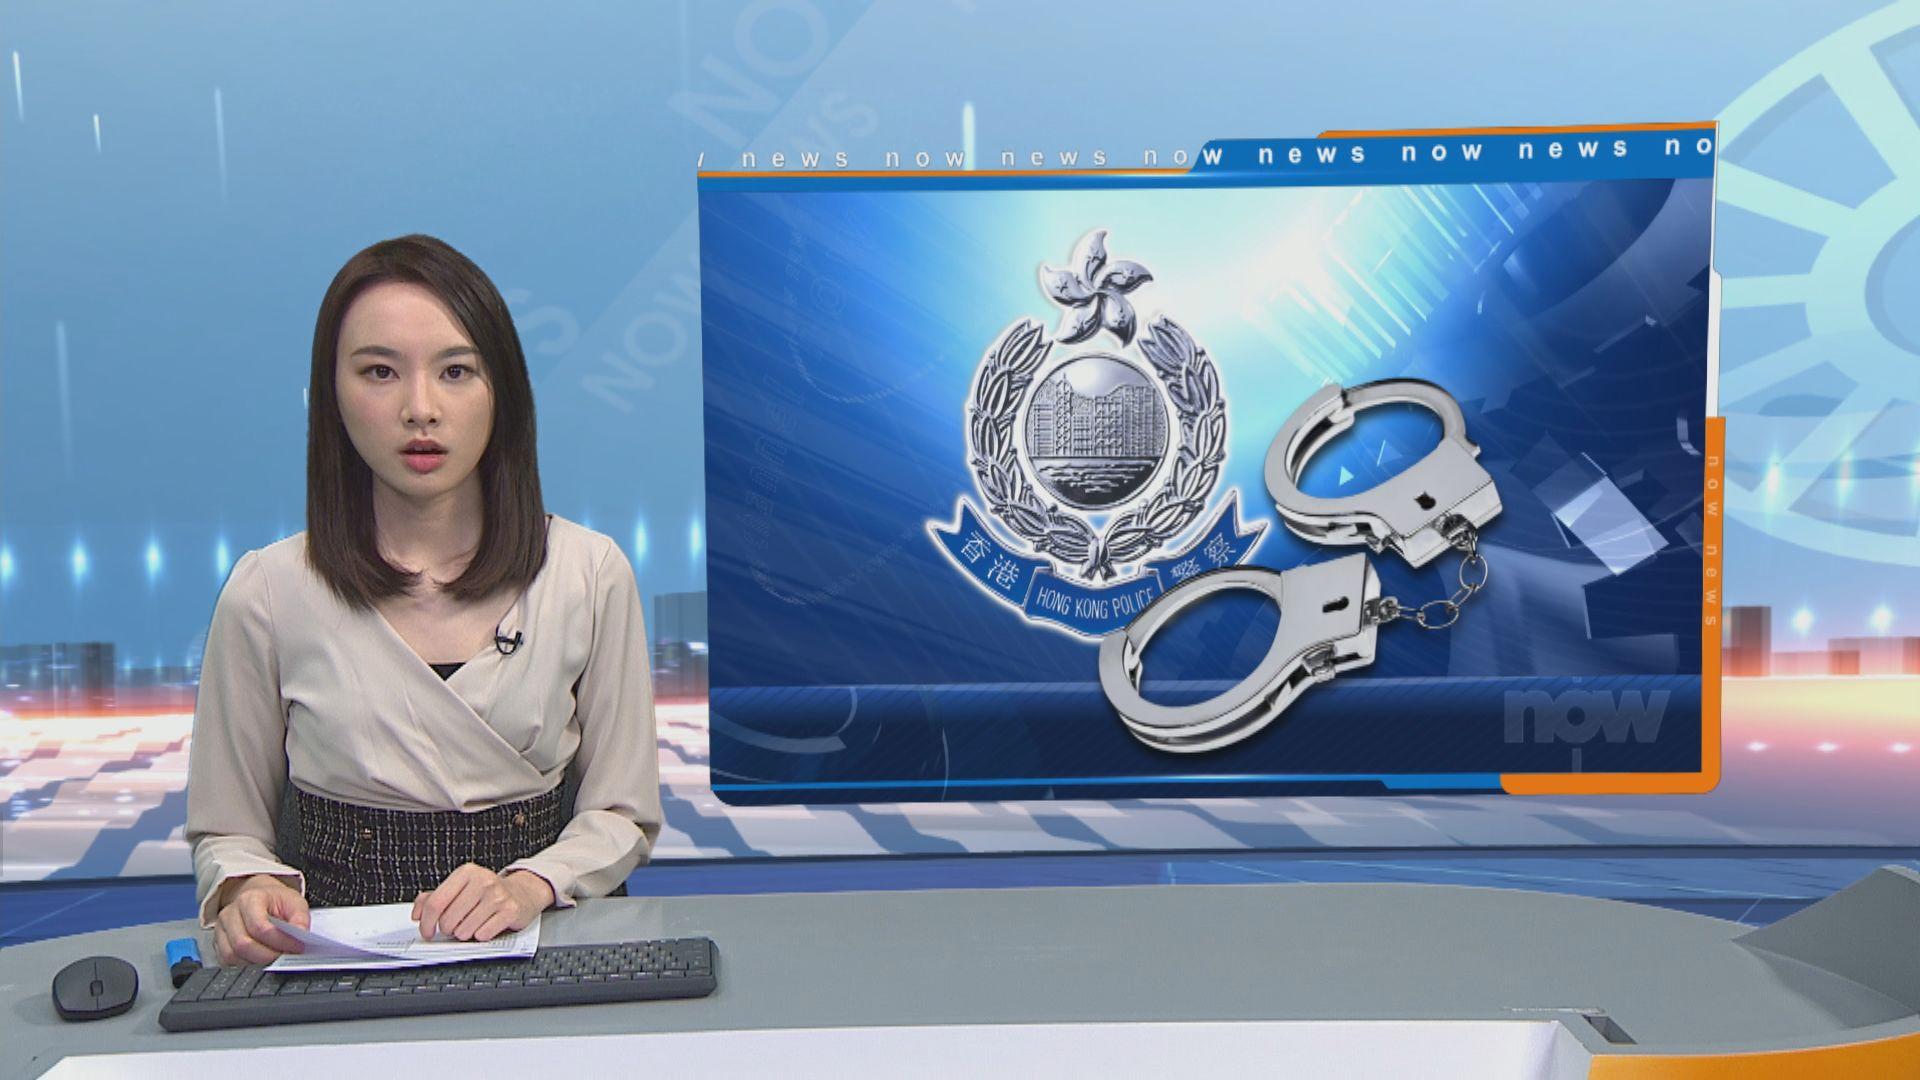 前學生動源成員陸海天涉協助鍾翰林潛逃被捕